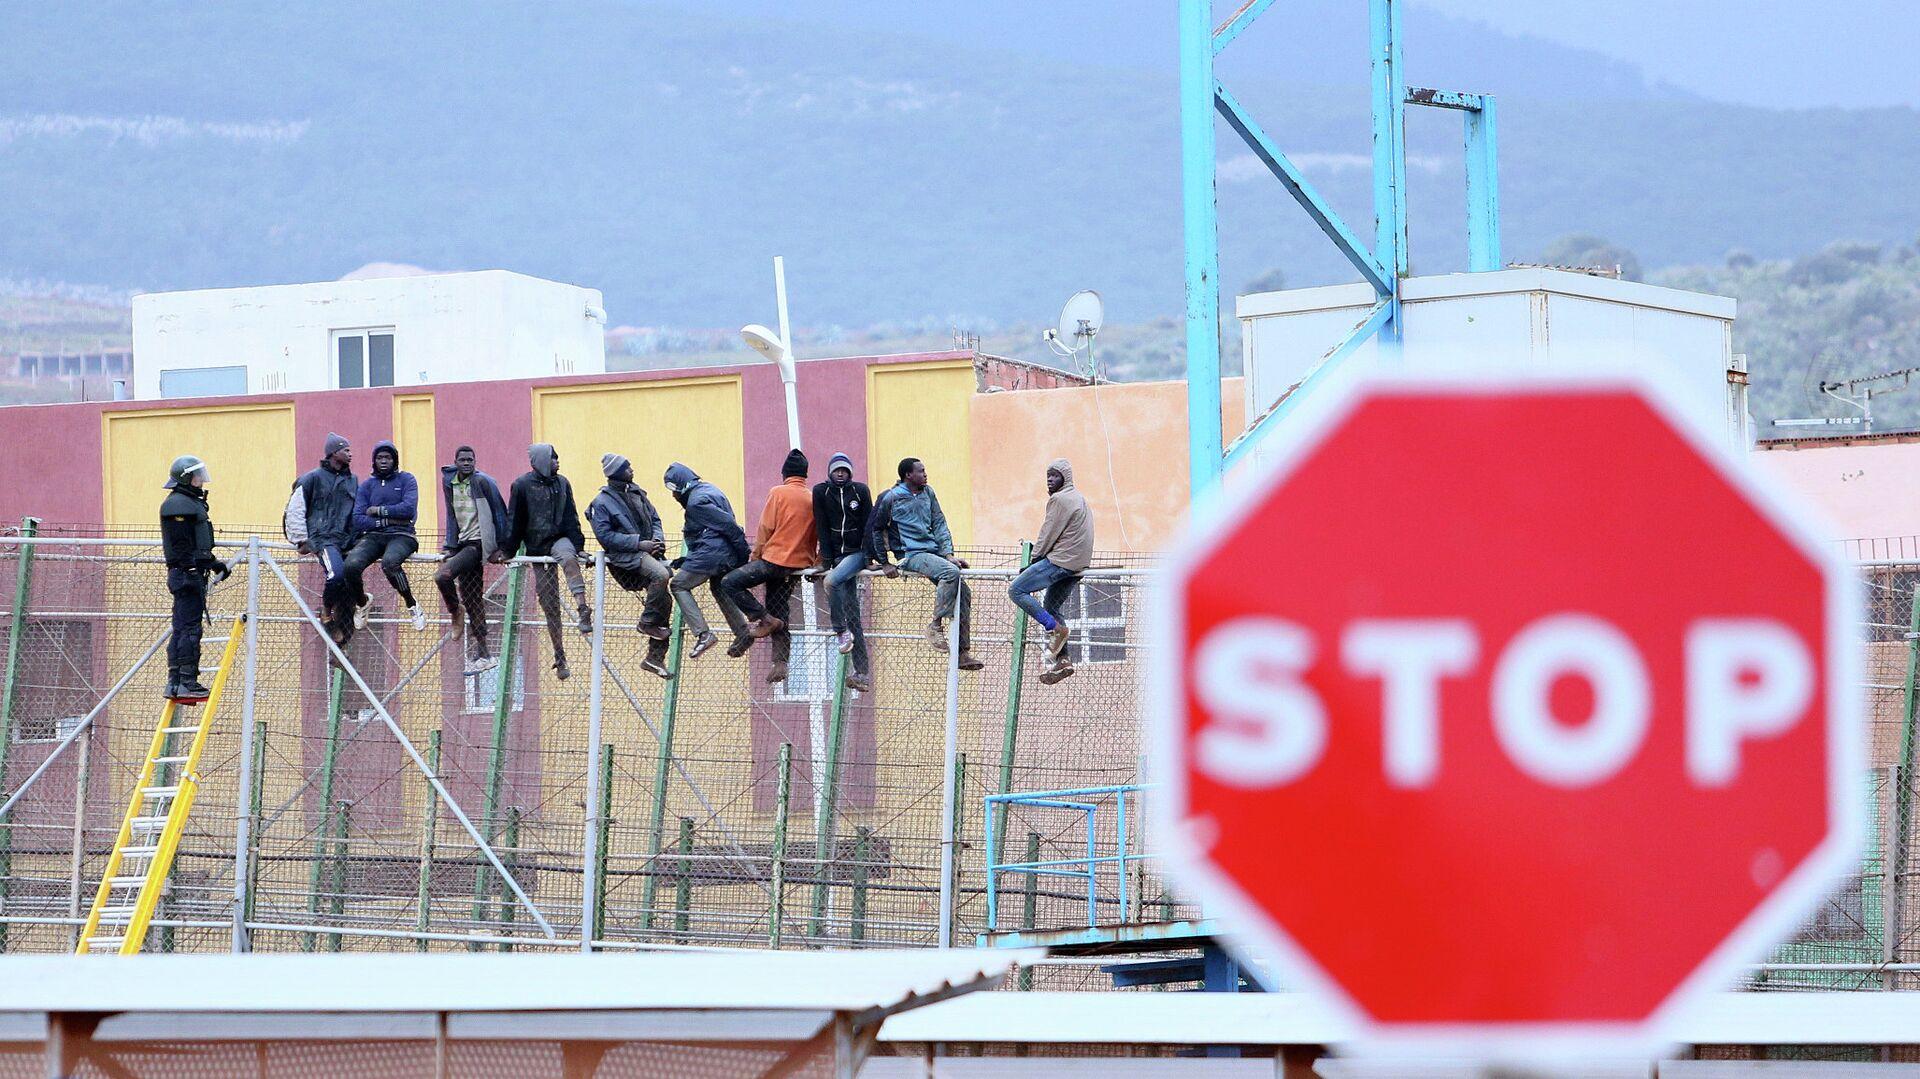 Migranti scavalcano la recinzione per raggiungere Melilla - Sputnik Italia, 1920, 22.07.2021